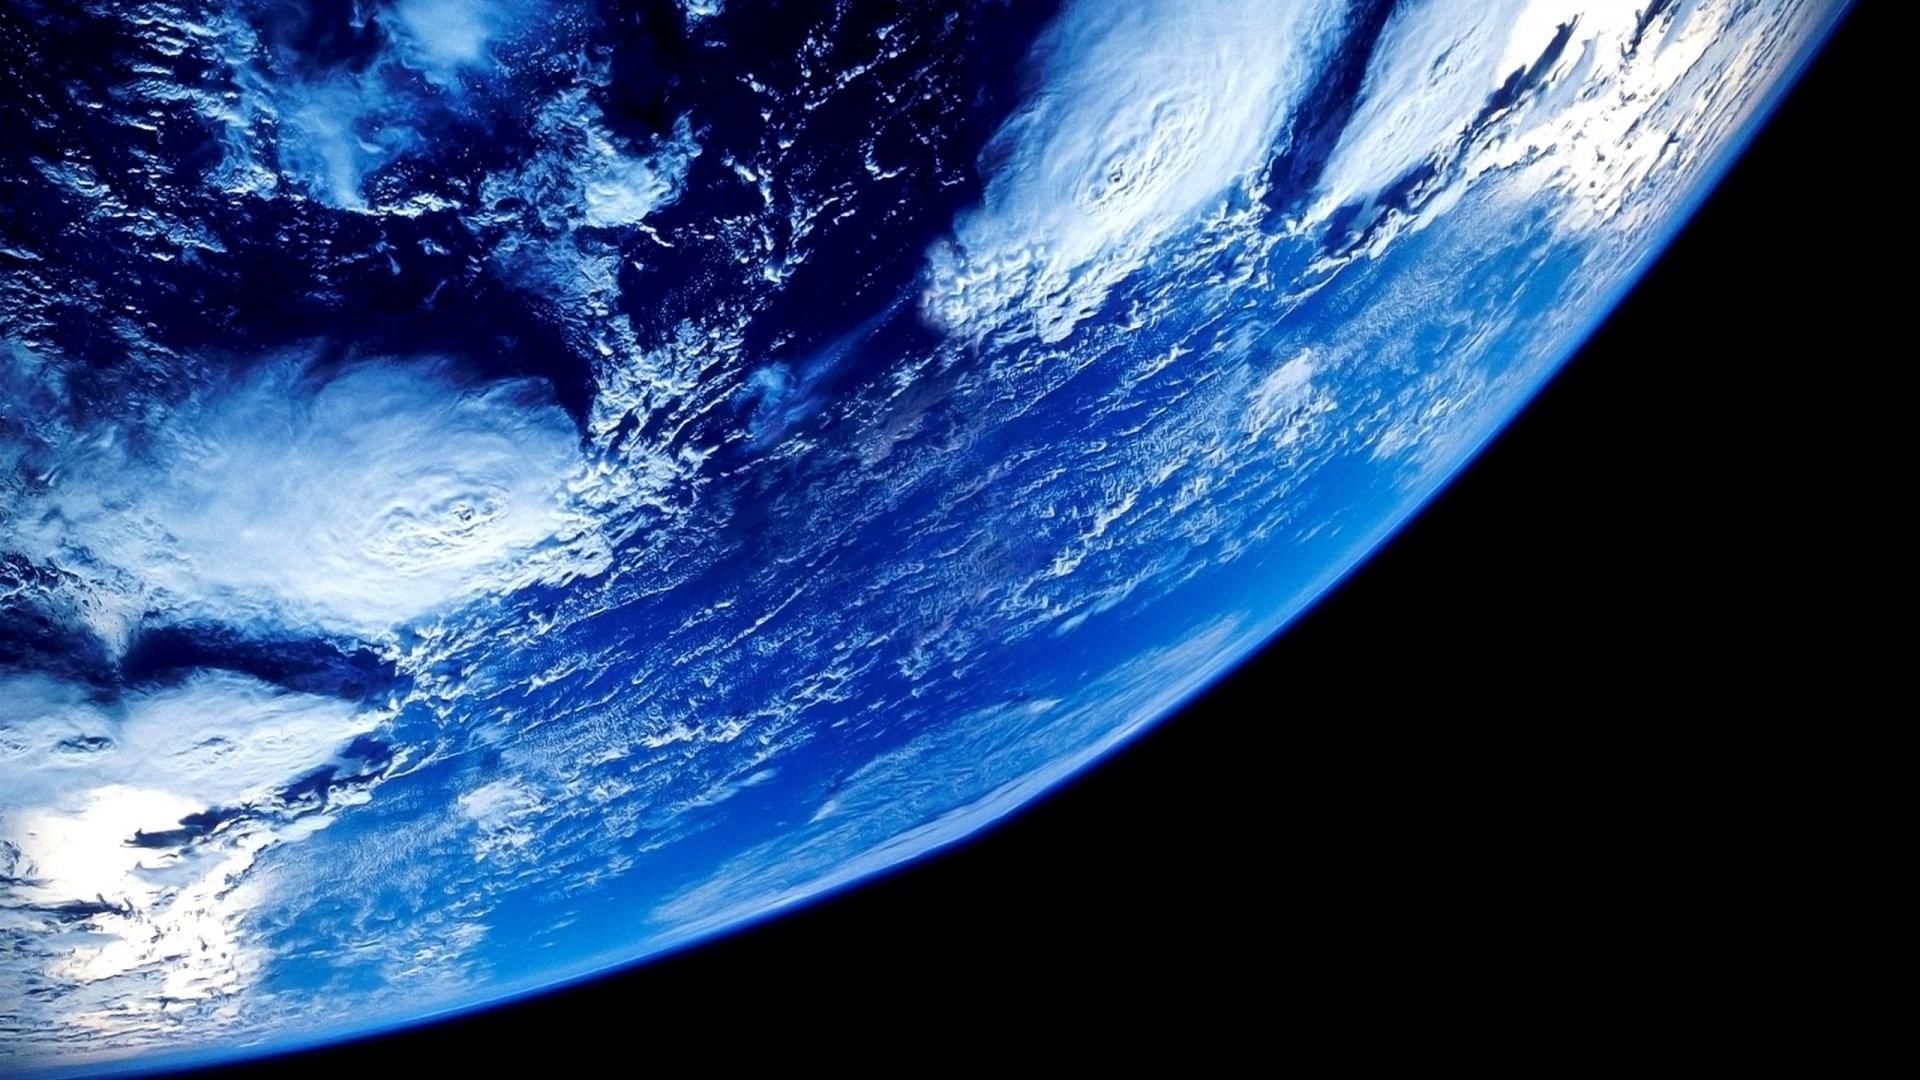 デスクトップ壁紙 惑星 スペース 雲 宇宙美術 コンピュータの